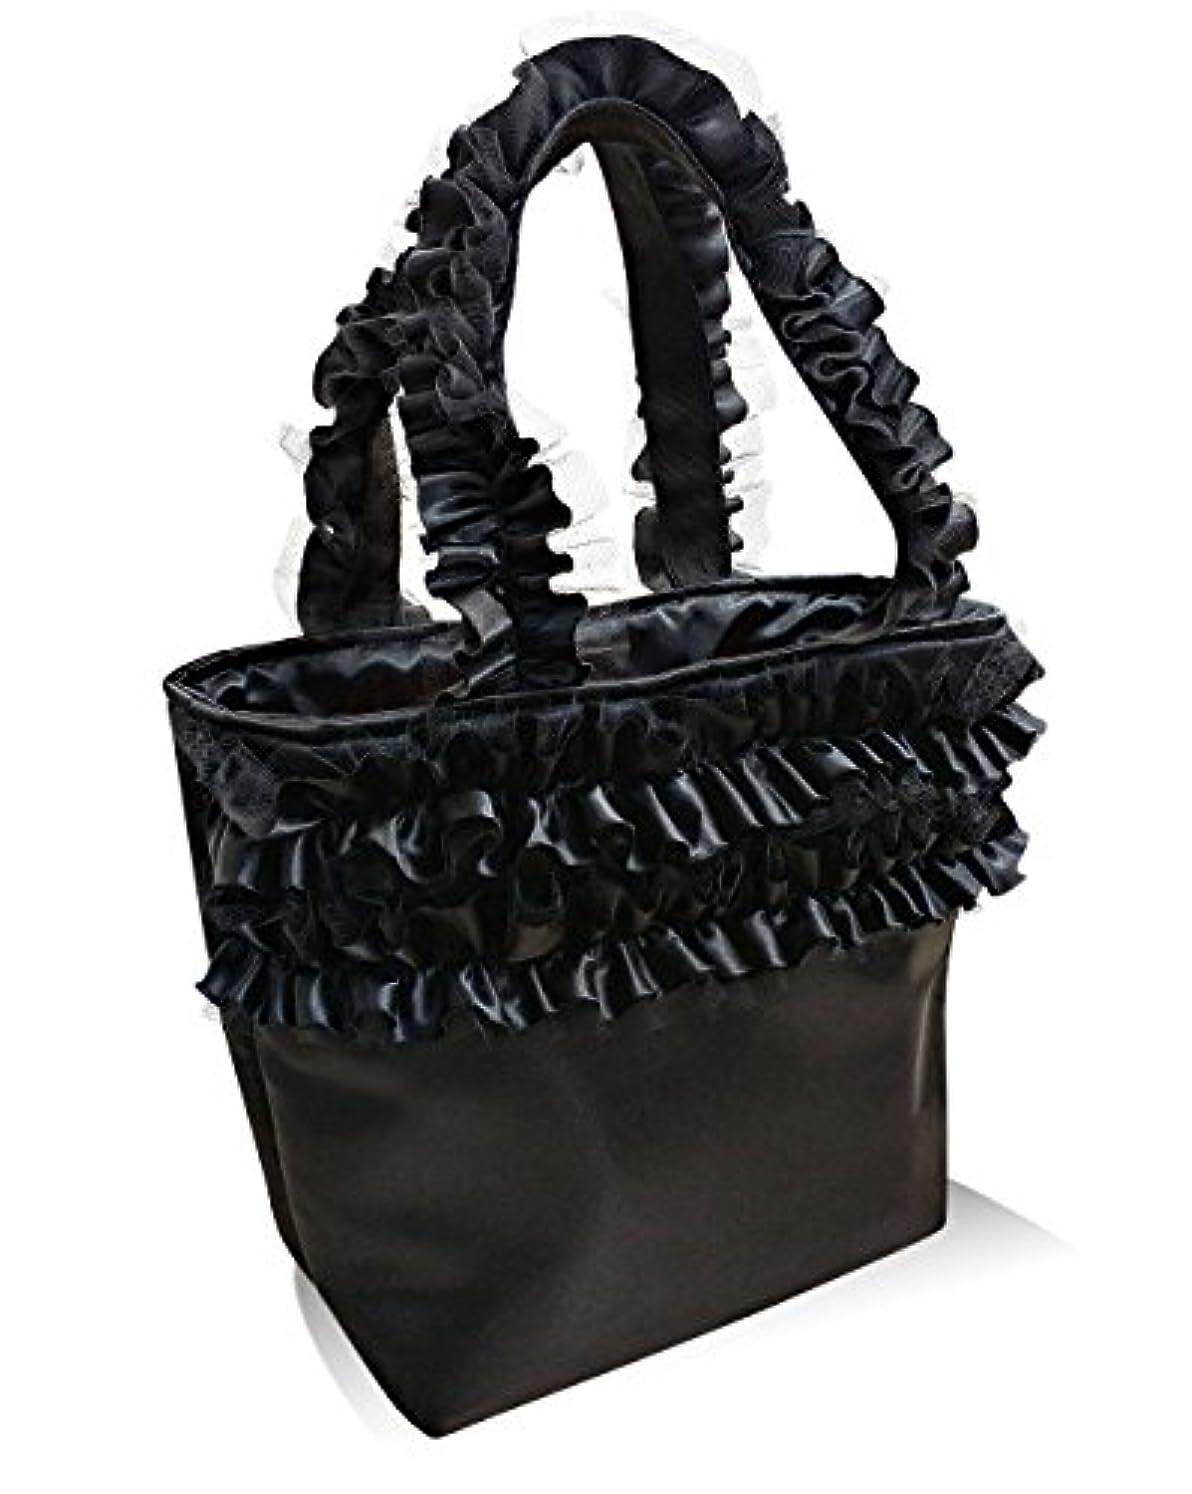 淡い付添人広々トートバッグ 通勤バッグ 通学バッグ レディースバッグ フリルハンドルバッグ バッグ おしゃれトート 日本製 ジュリエットトートバッグ